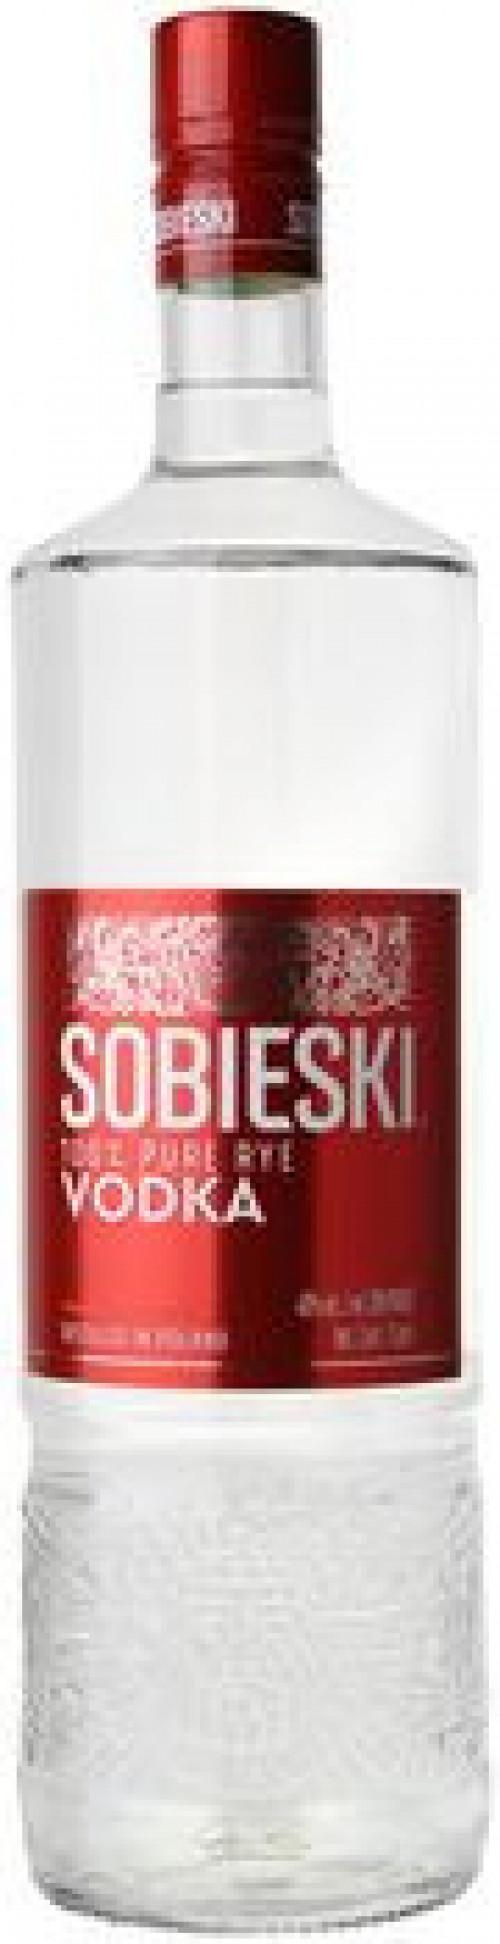 Sobieski Vodka 1L